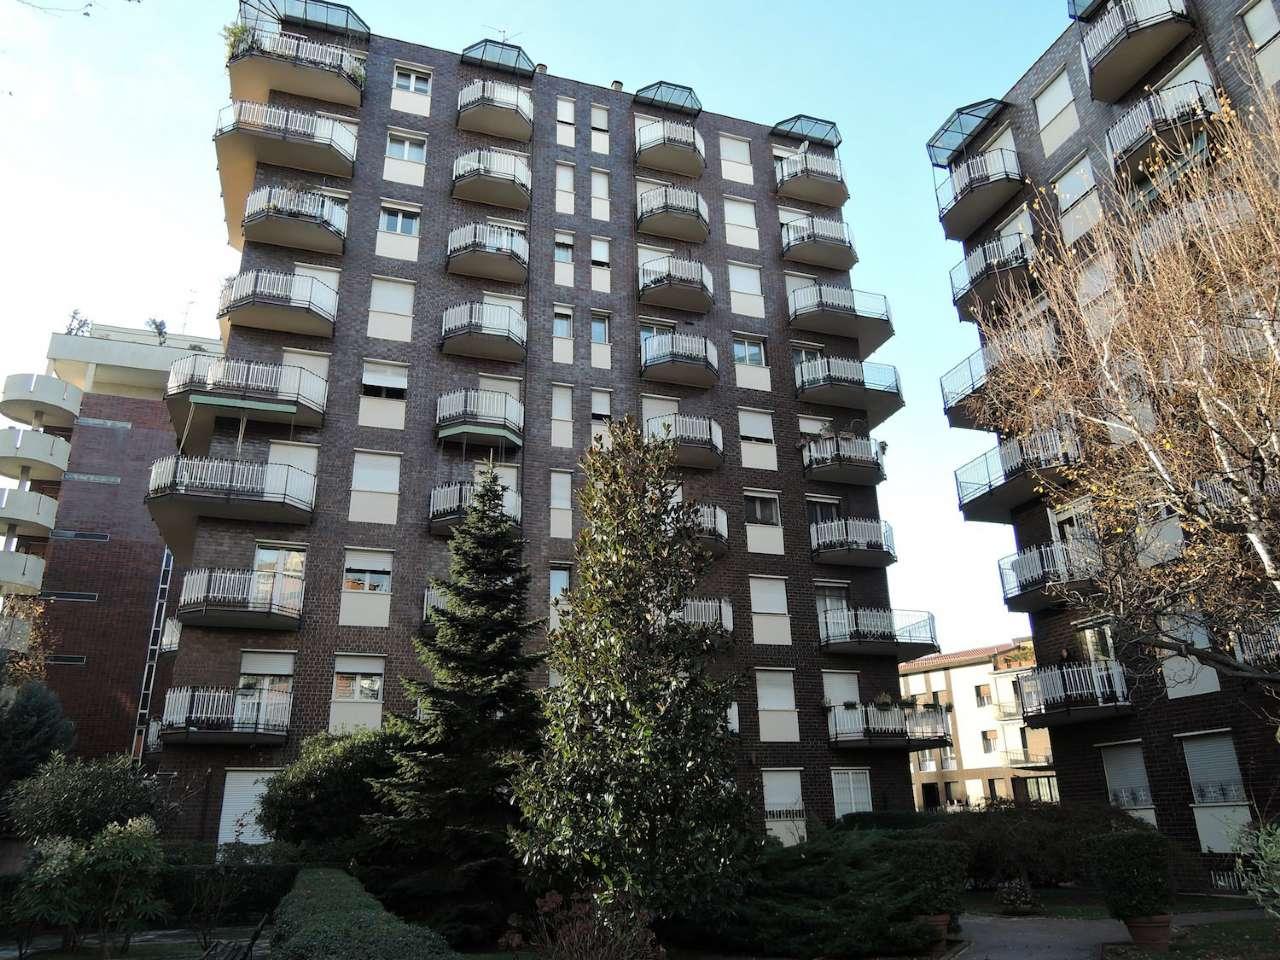 Appartamento in vendita a Milano, 3 locali, zona Zona: 11 . Barona, Giambellino, Lorenteggio, Famagosta, prezzo € 395.000 | Cambio Casa.it